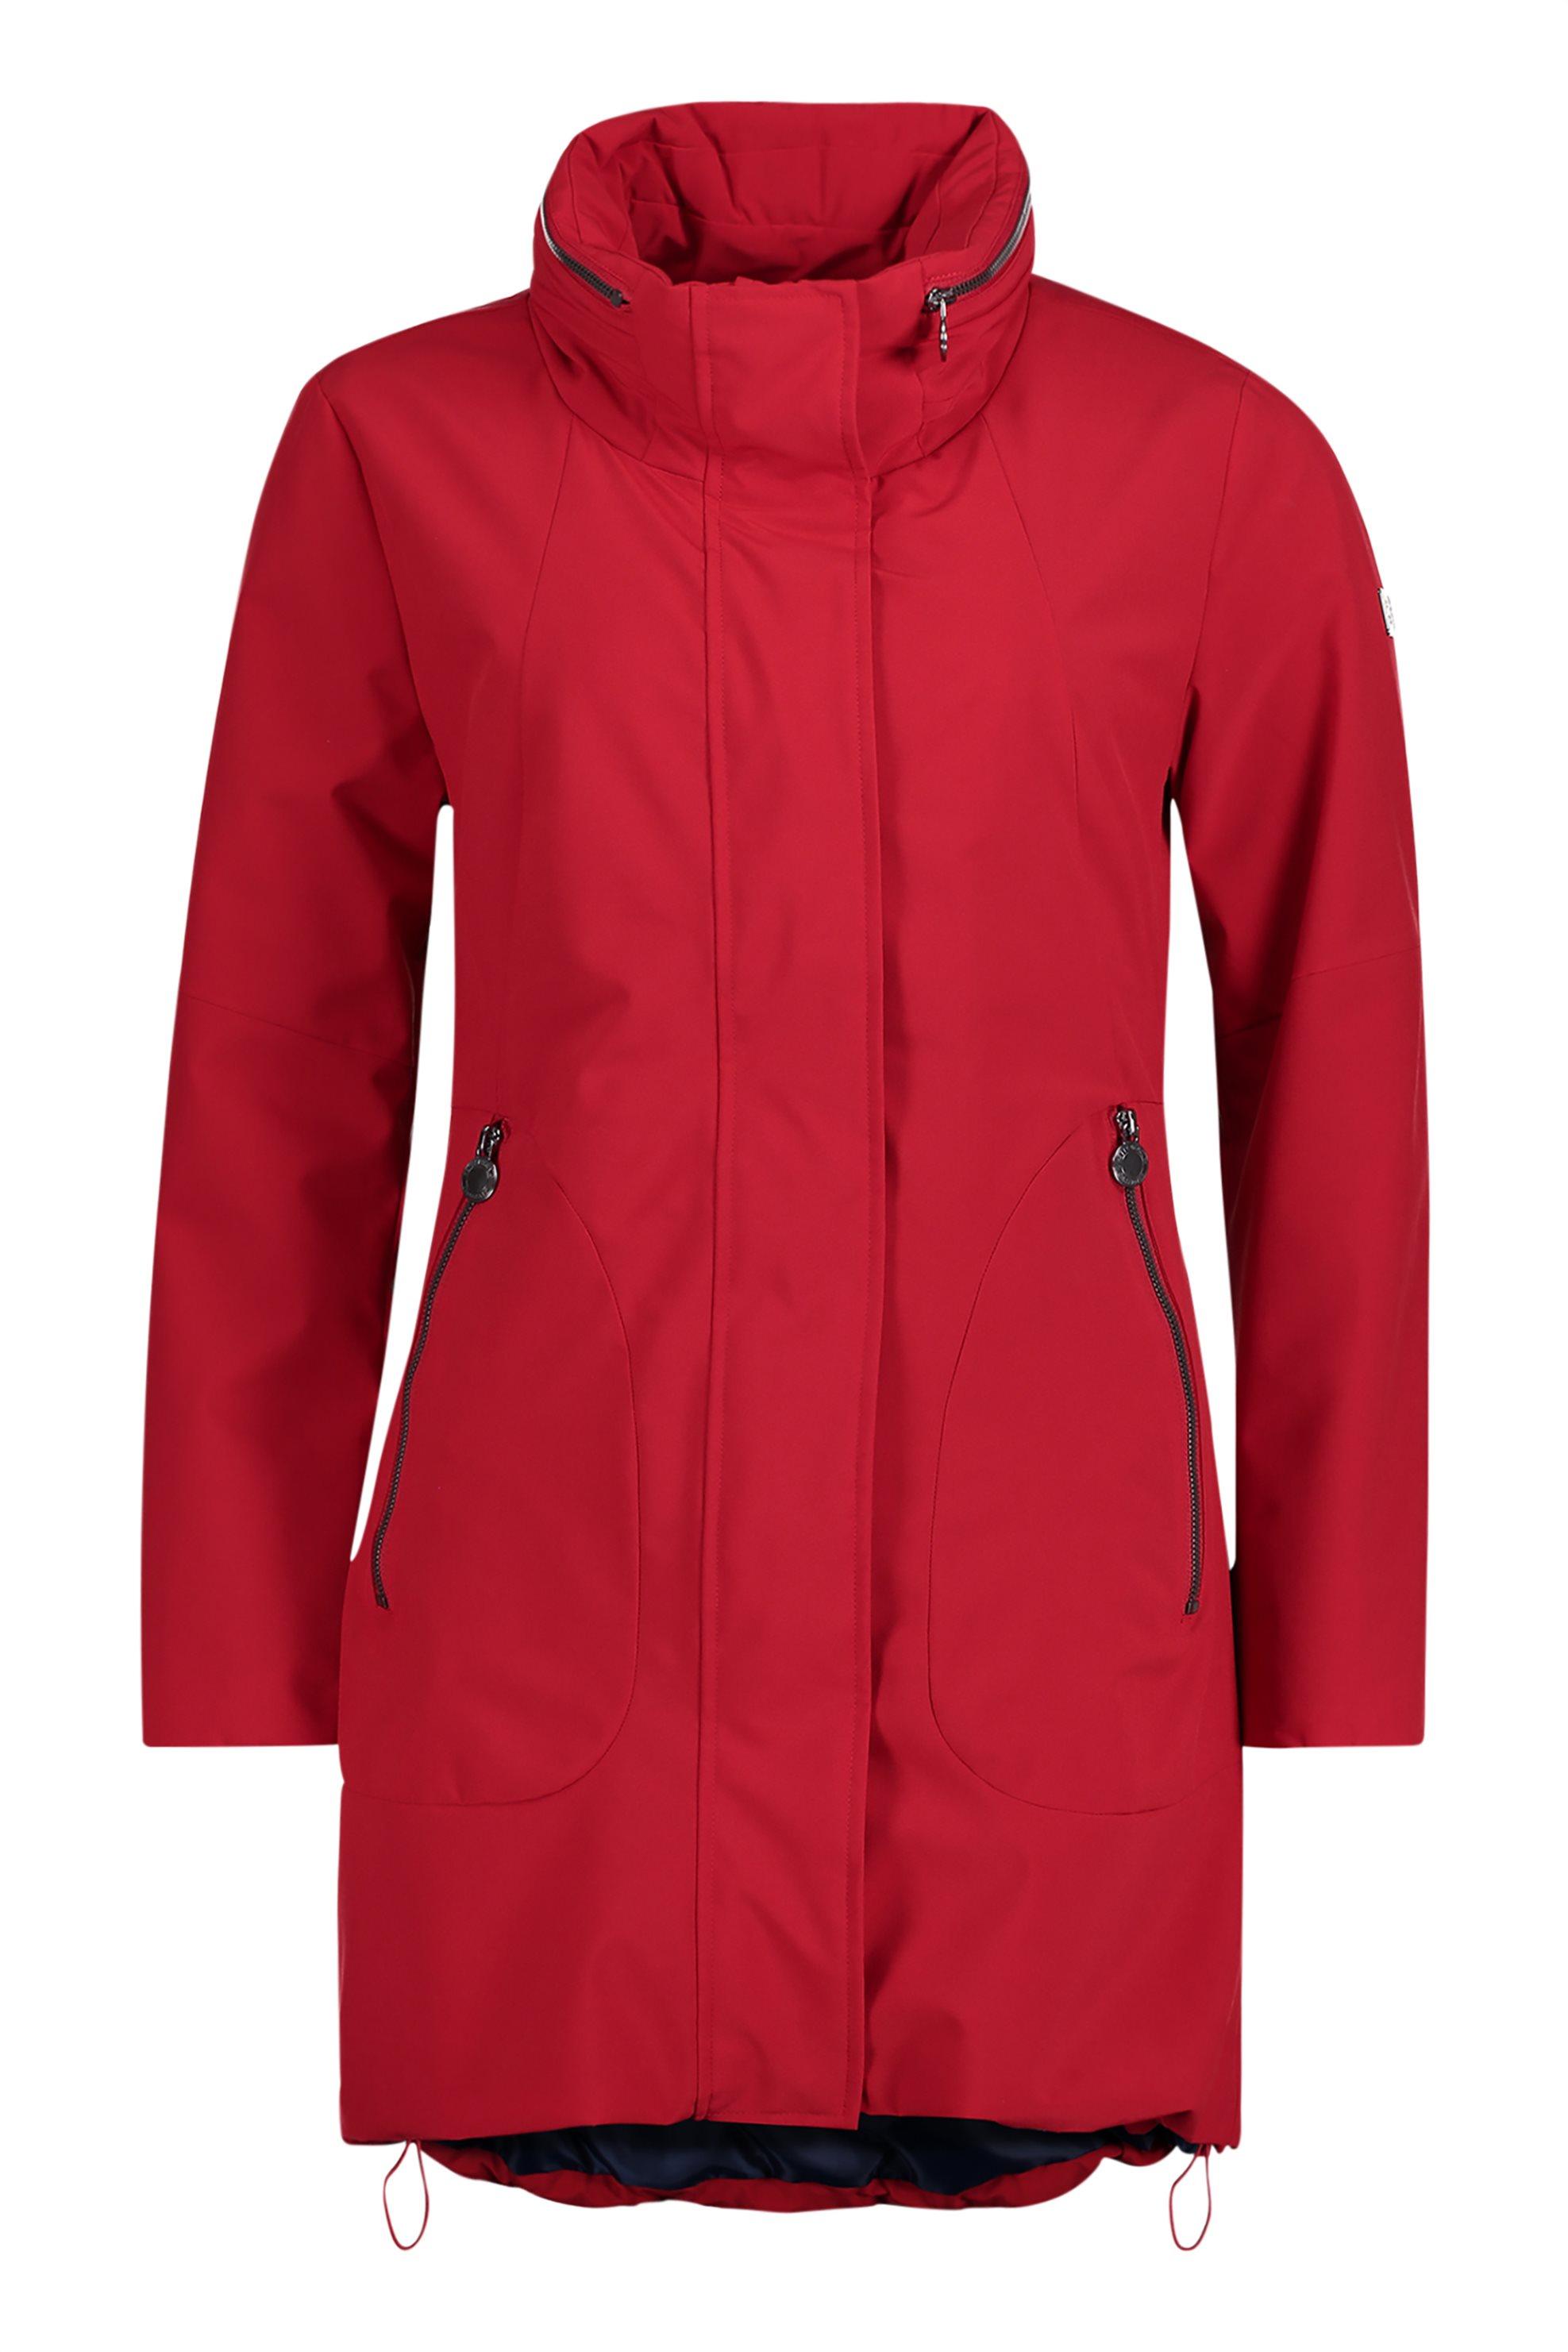 ae24dd3cc4 Notos Betty Barclay γυναικείο μπουφάν με φερμουάρ - 4313  2619 - Κόκκινο